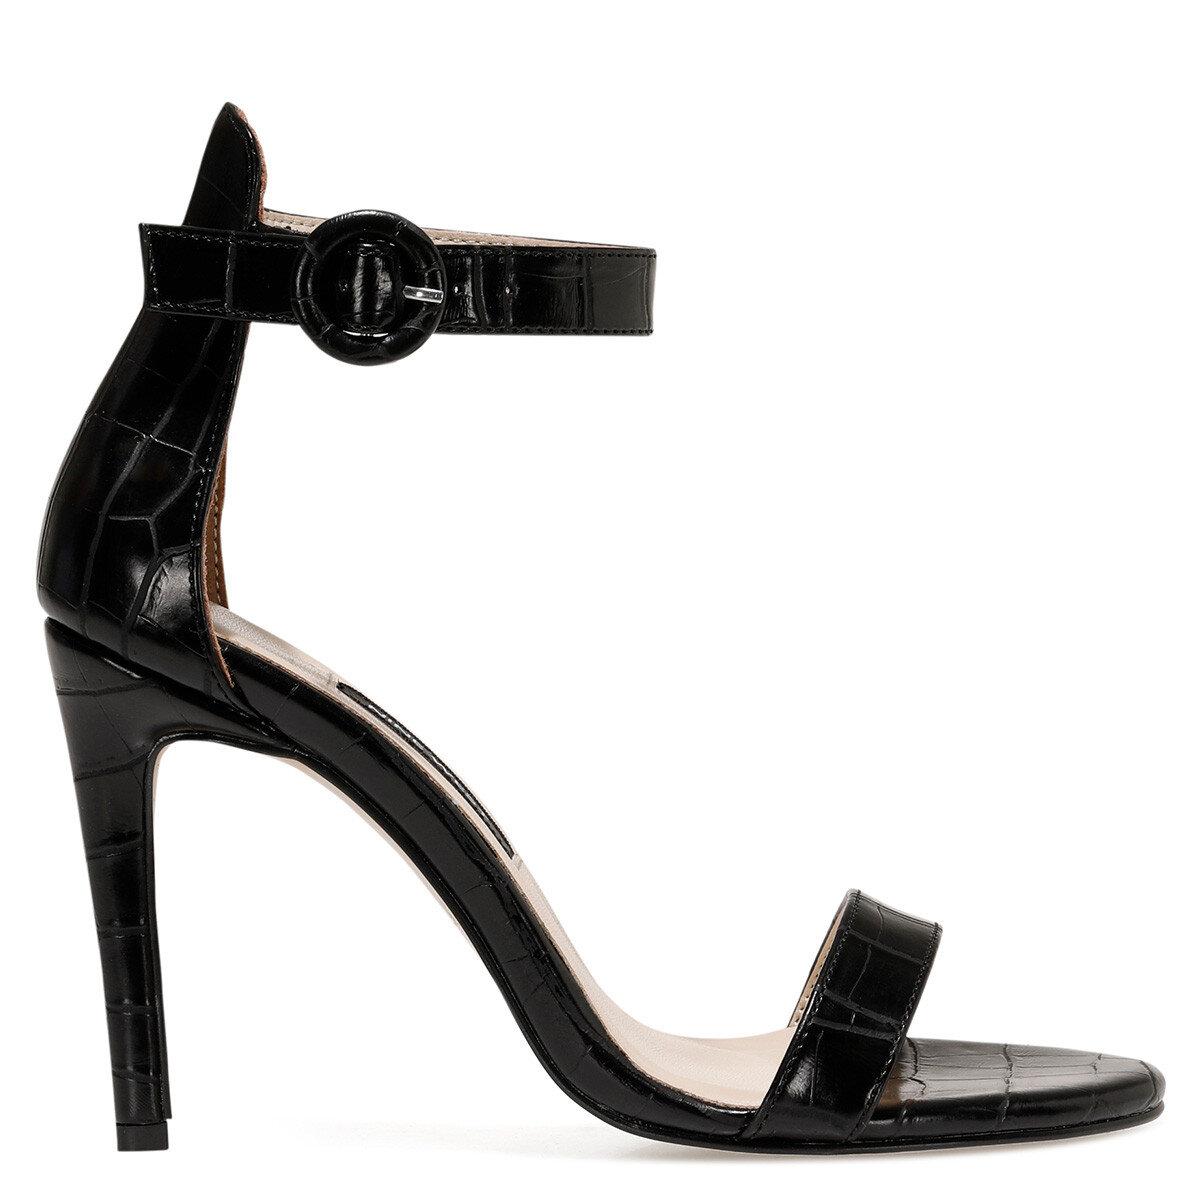 LINDIT Siyah Kadın Topuklu Ayakkabı